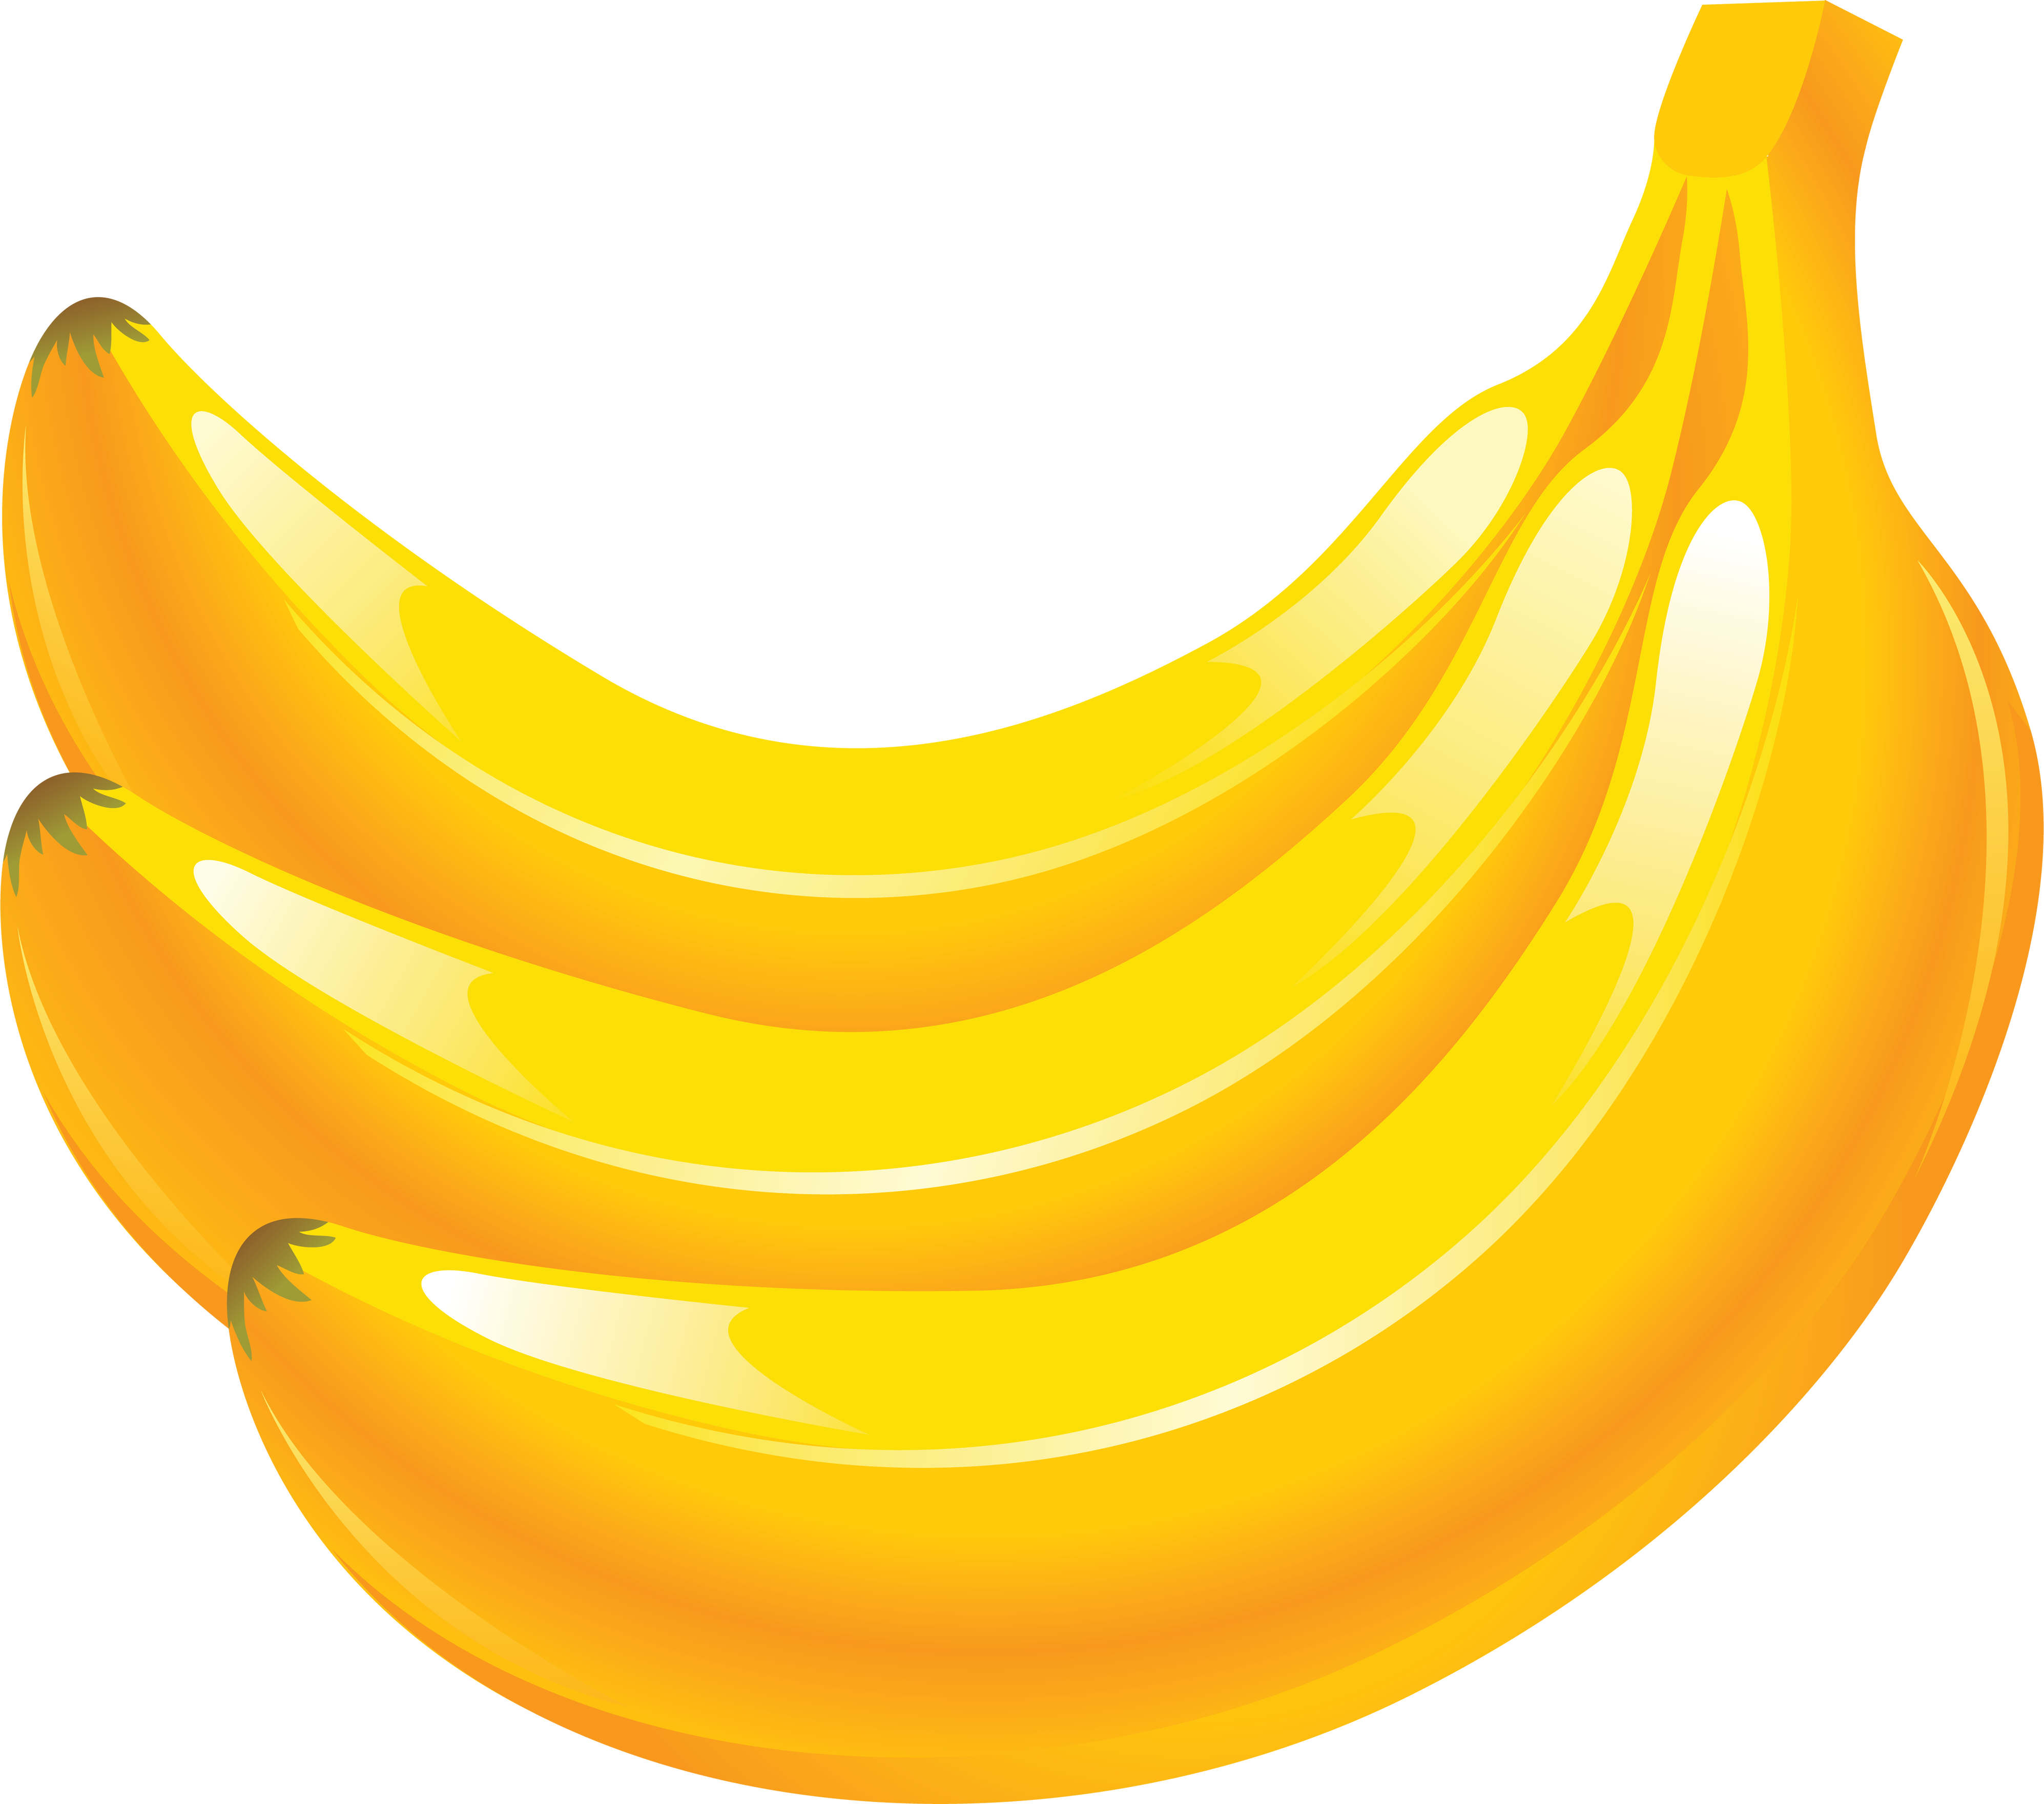 Épinglé sur Banane